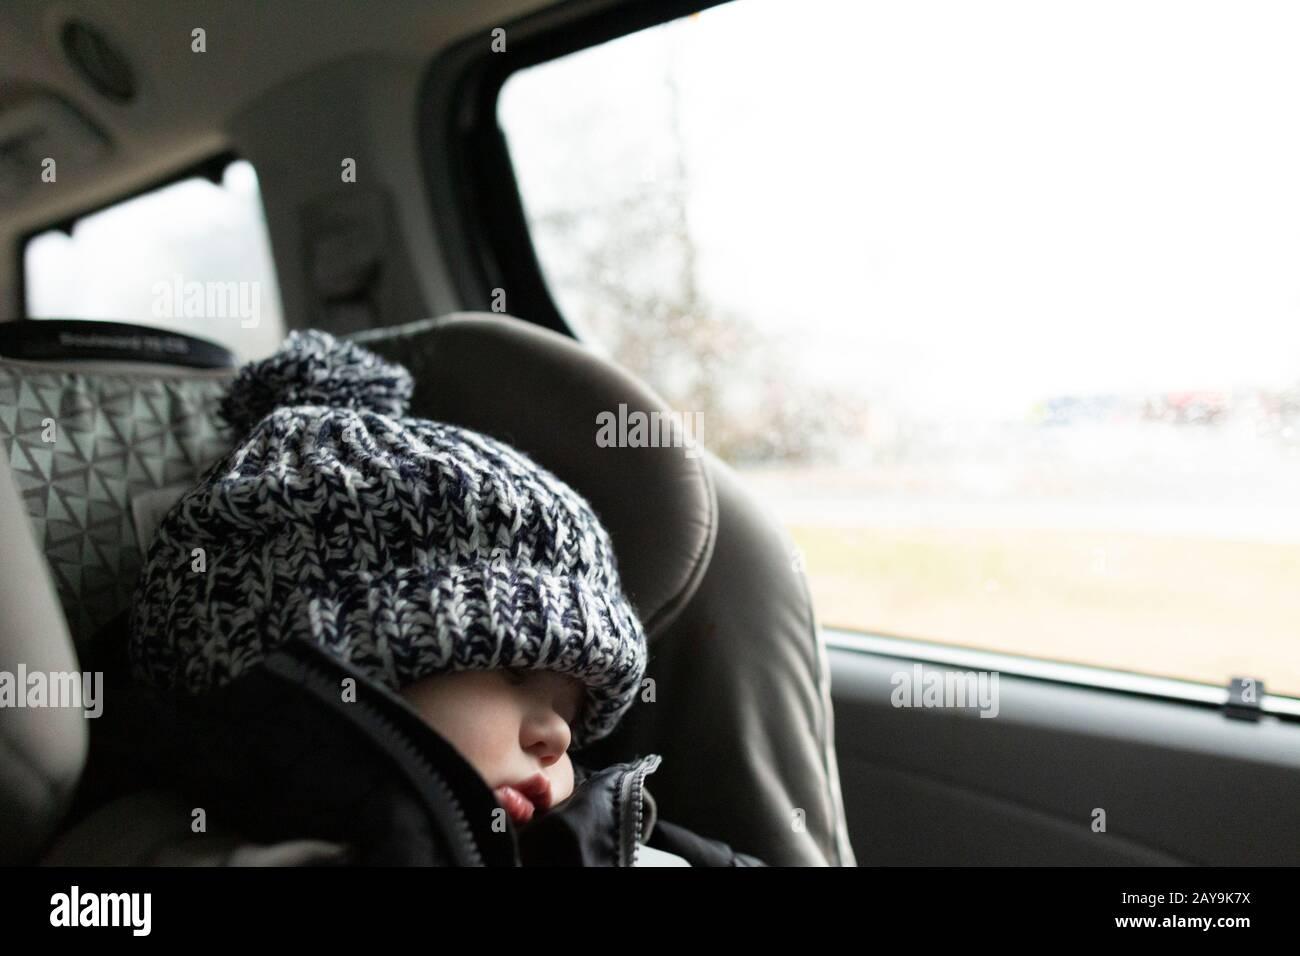 El niño que lleva sombrero de invierno duerme mientras está en el asiento del coche dentro del monovolumen Foto de stock